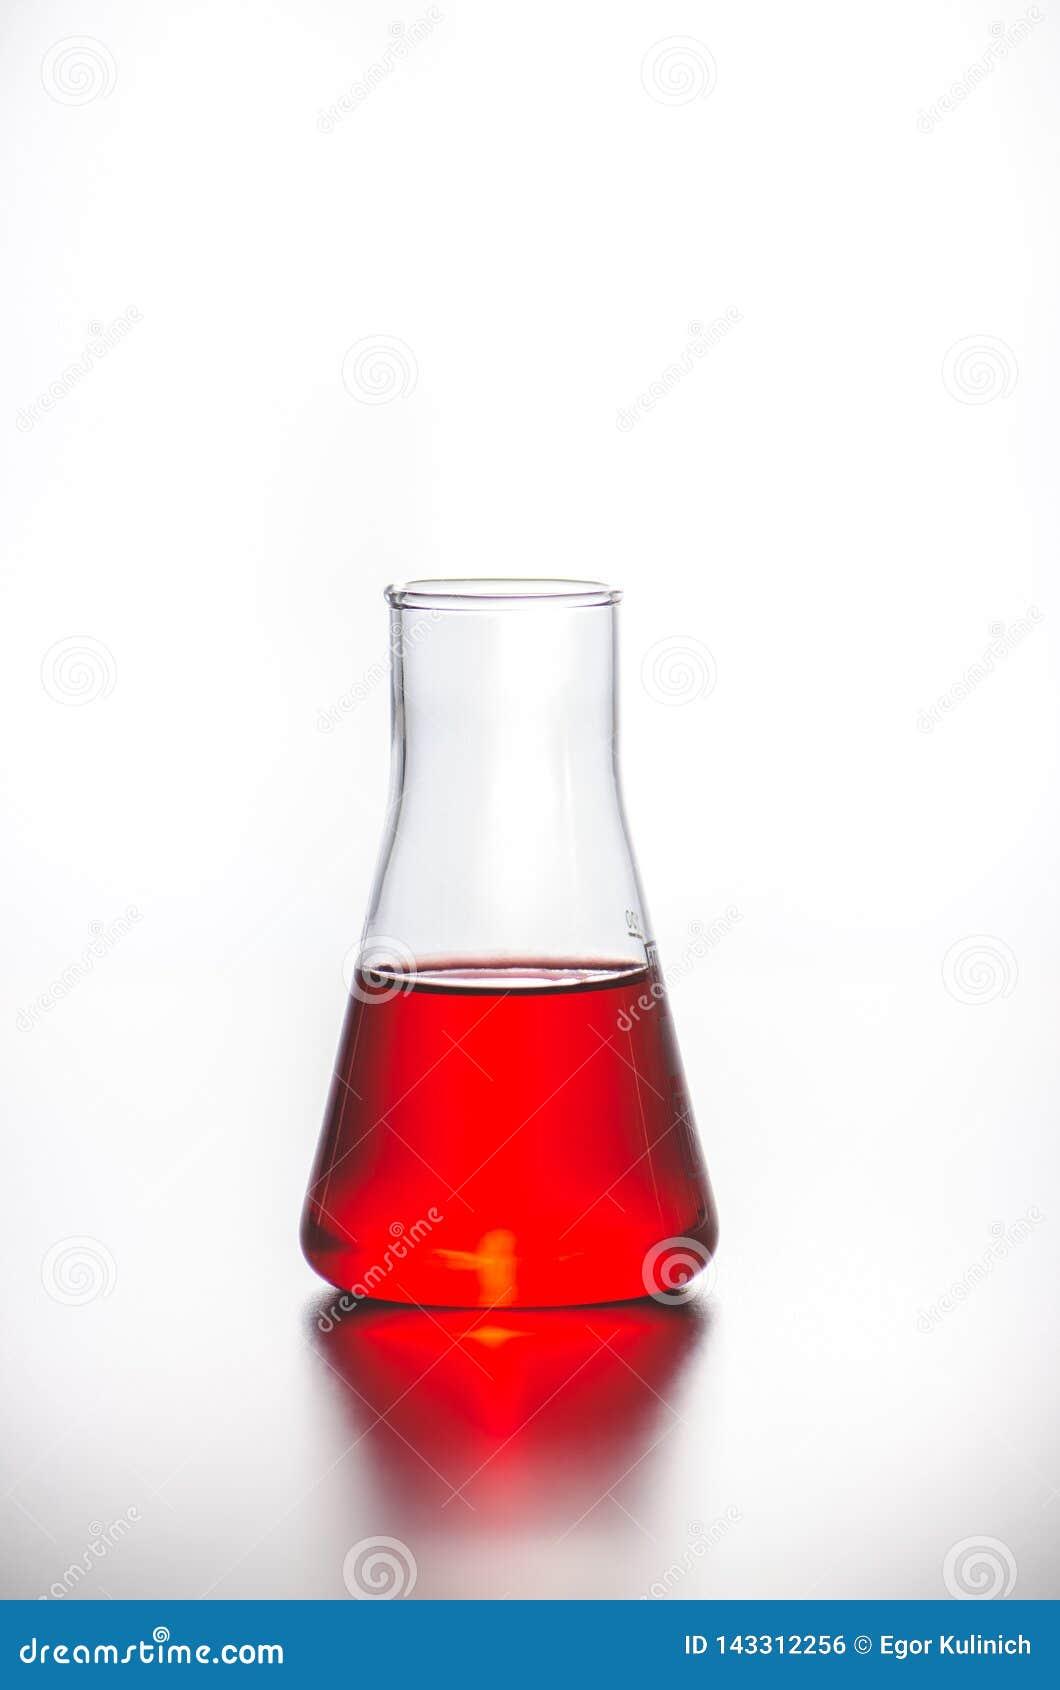 Cristalería Frasco con el líquido rojo en un fondo blanco Pruebas de laboratorio